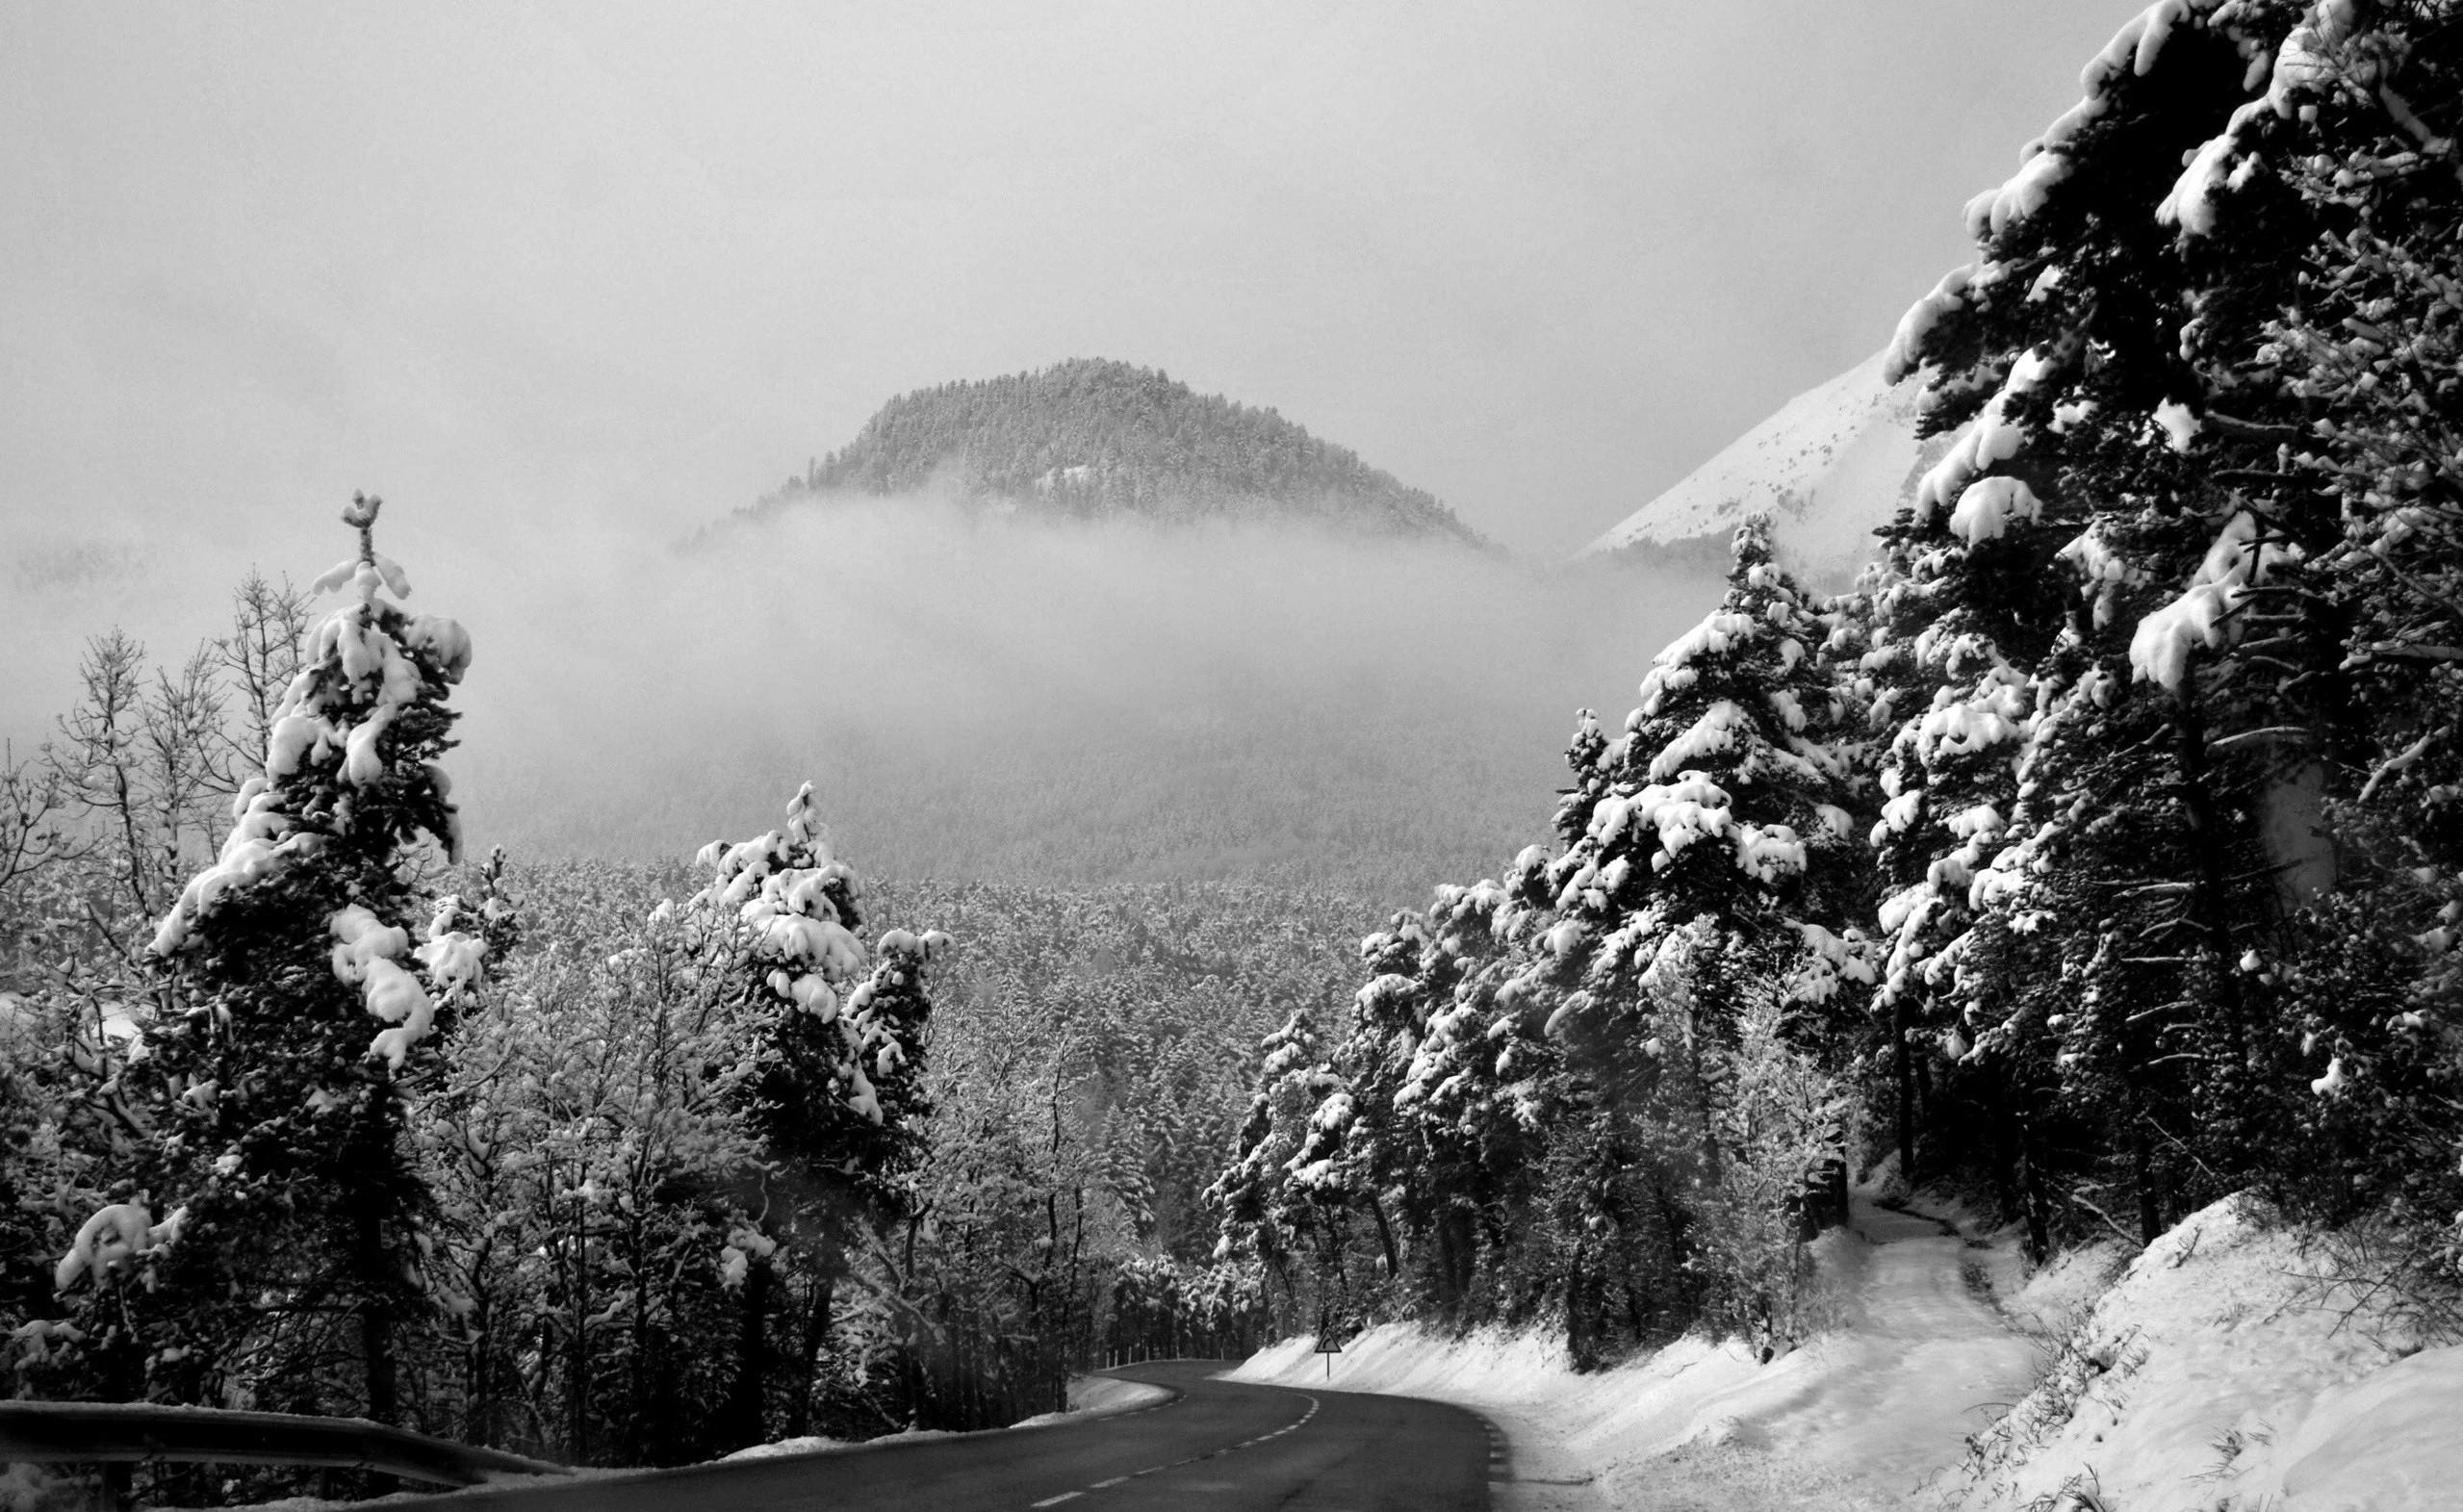 комментариях черно белая фотография зимней тайги охраняет свою гаремную